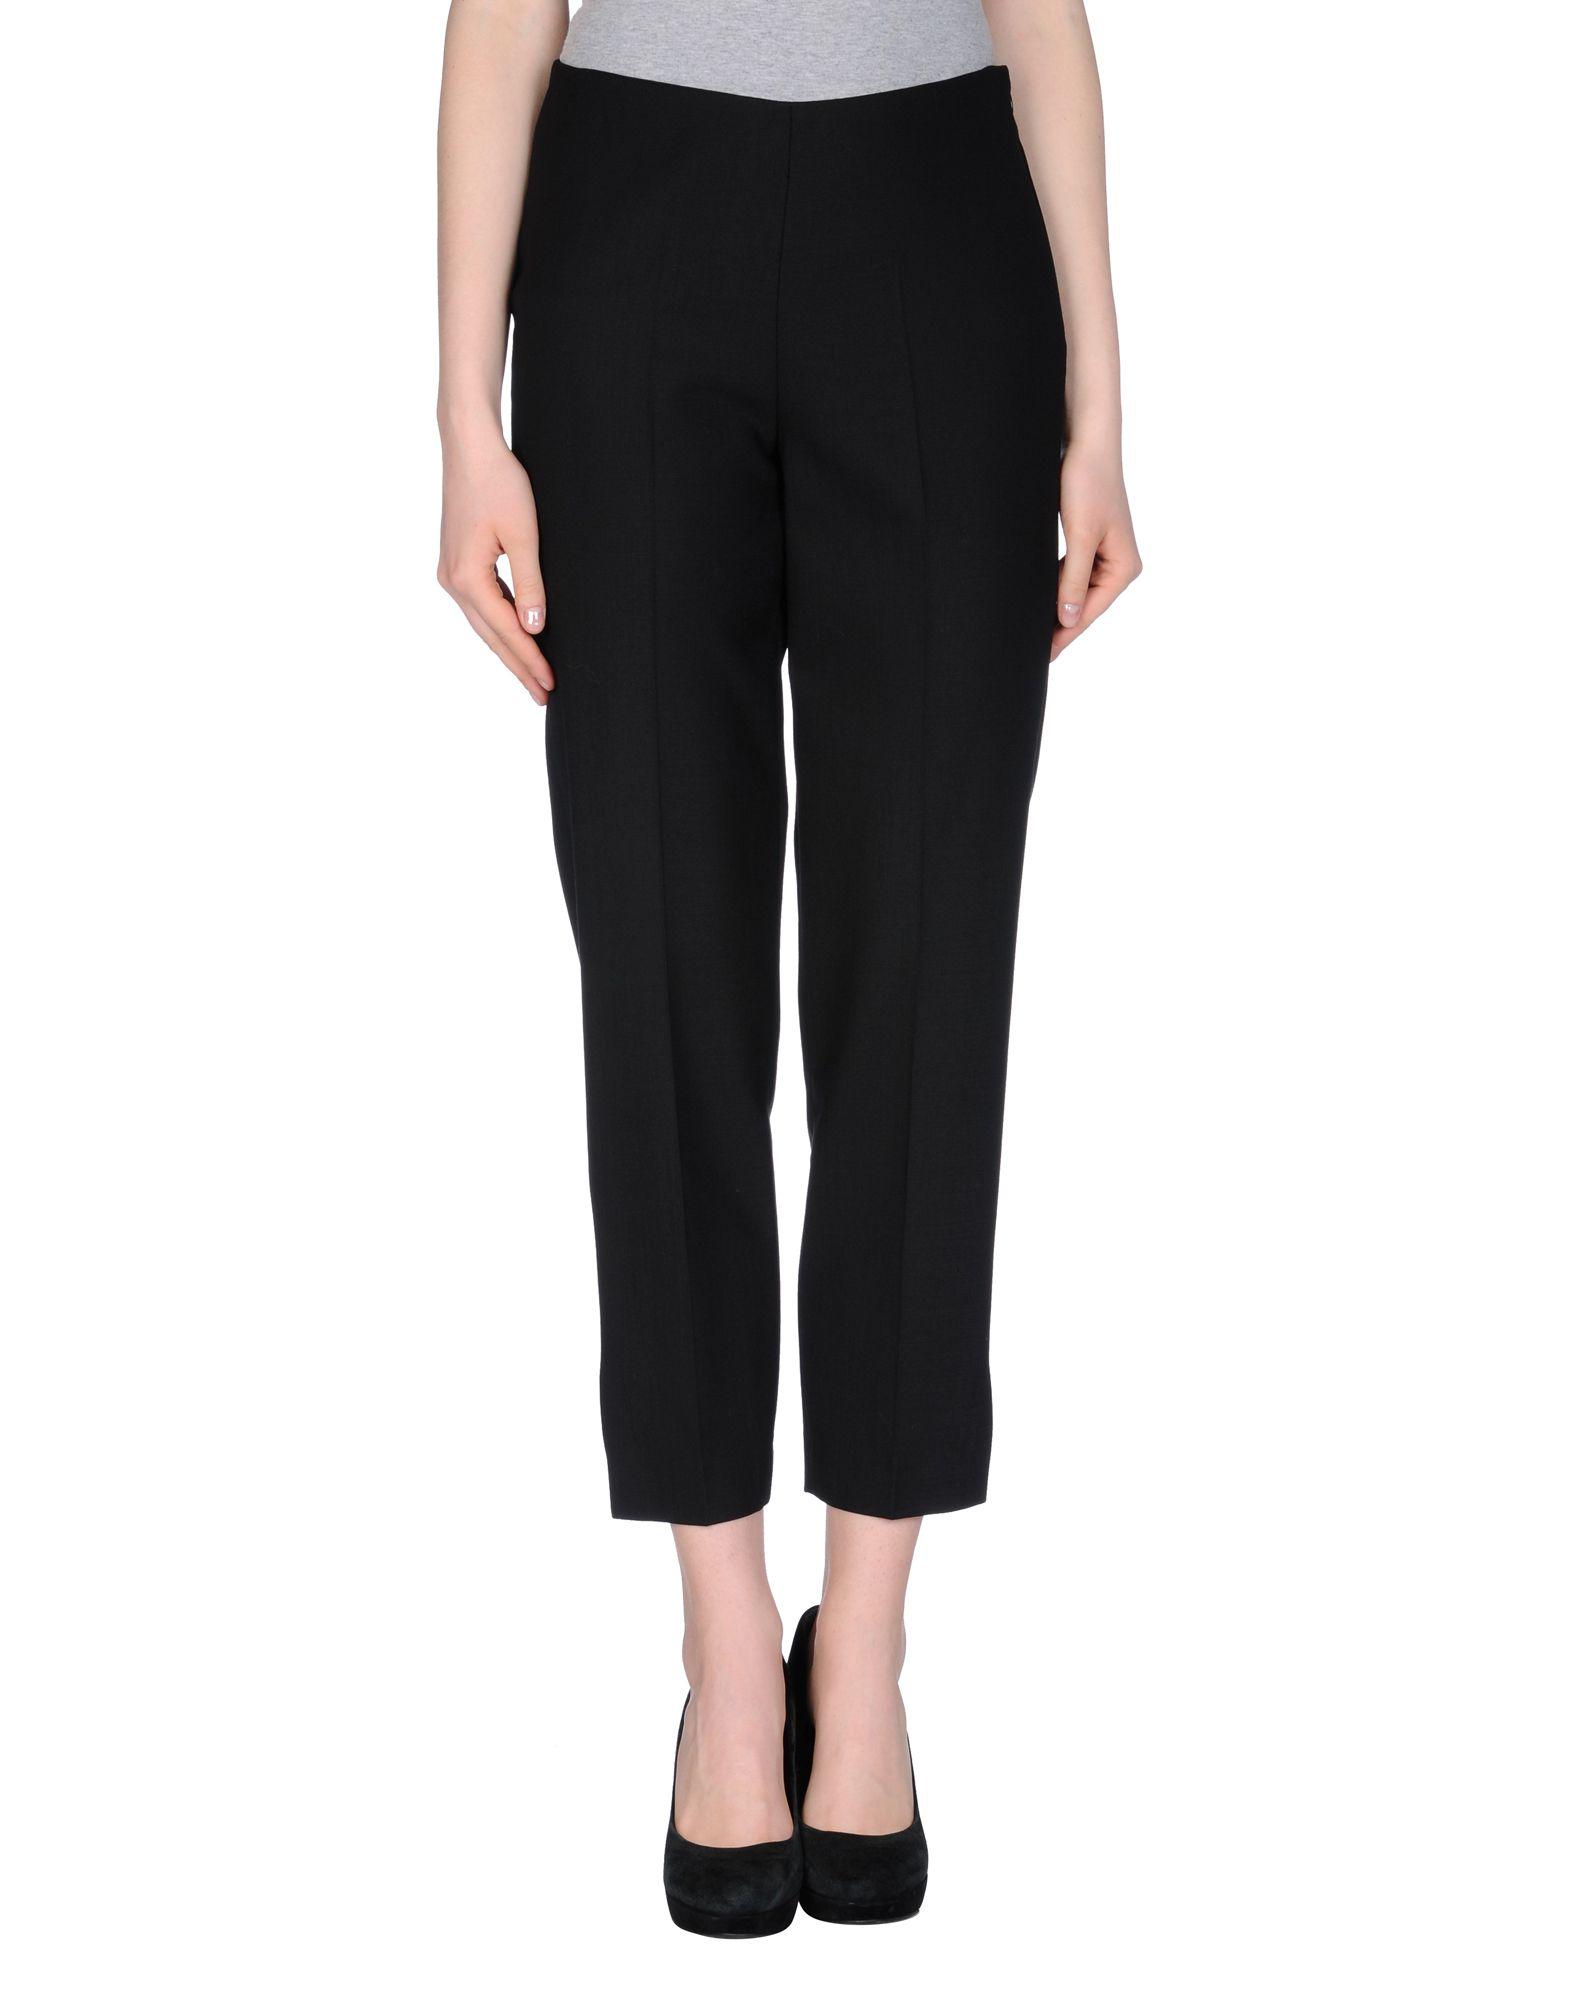 Pantalone Gunex Donna - Acquista online su VYeaJ